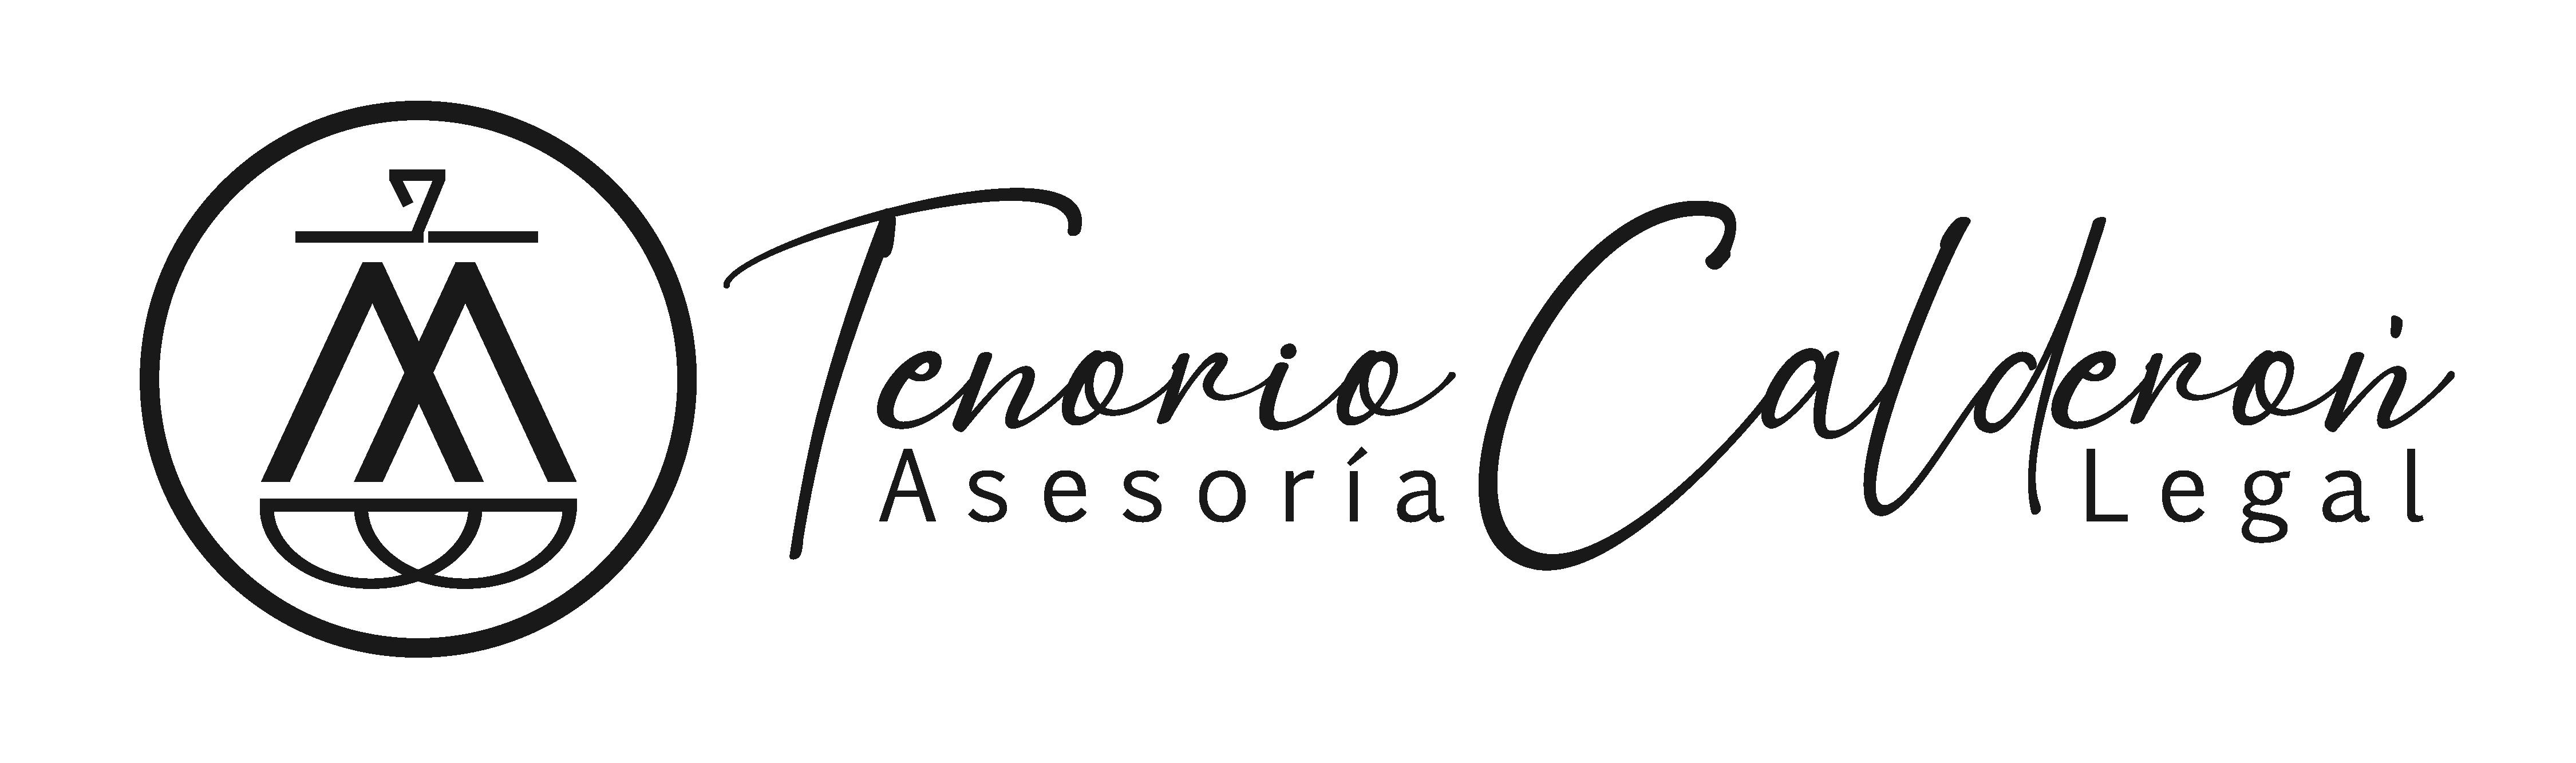 Tenorio Calderon Asesoria Legal-03